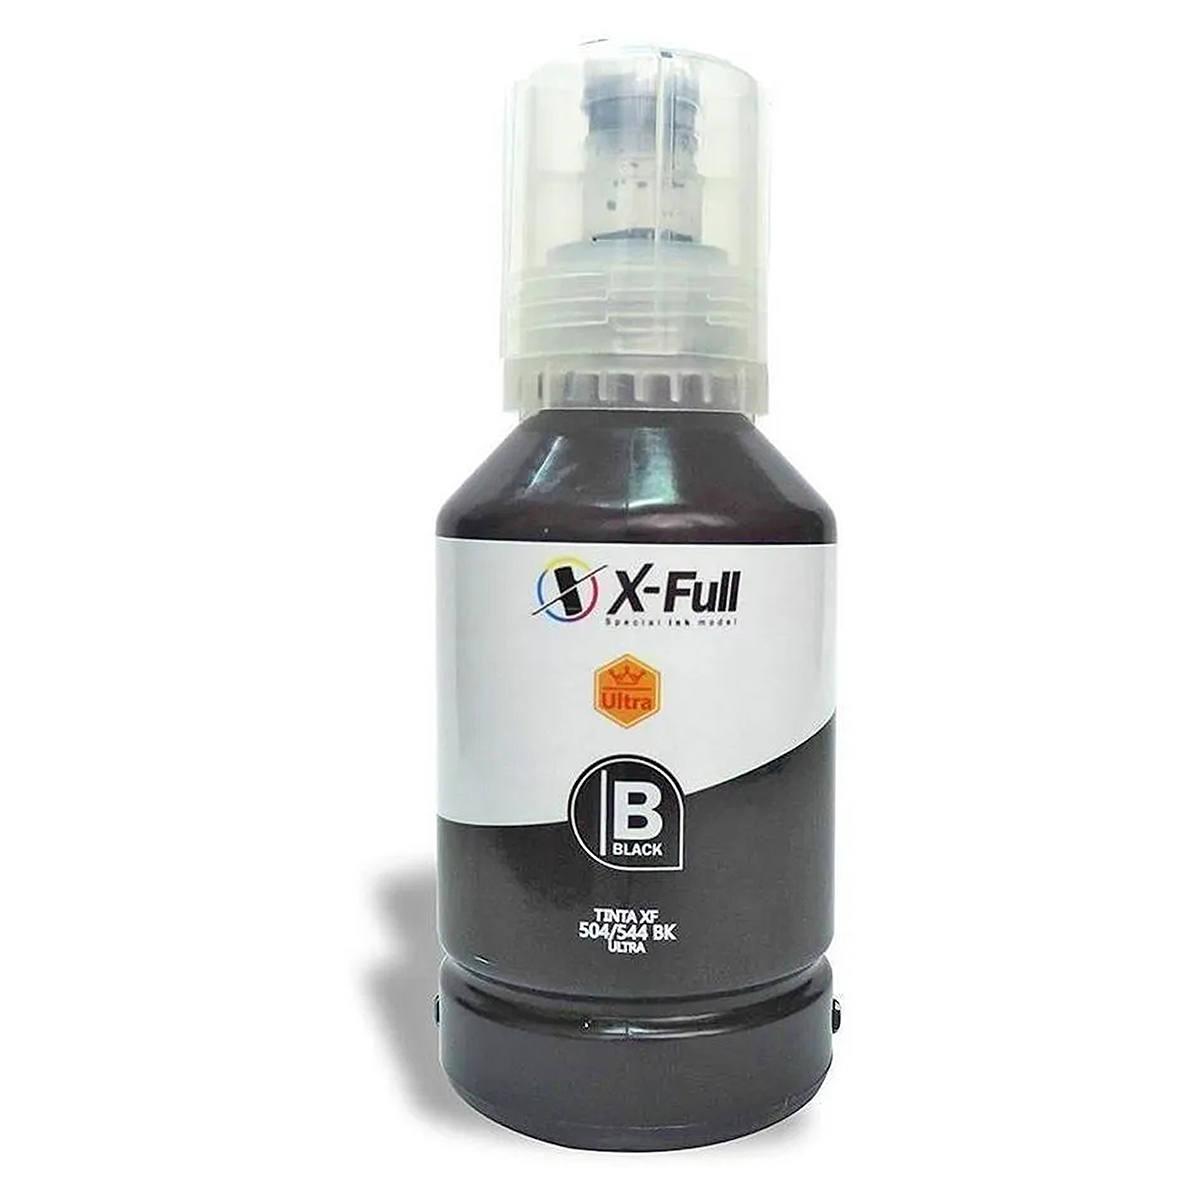 Compatível: Tinta Pigmentada X-Full Ultra para Epson L3110 L3111 L3158 L4150 L4168 L6160 L6168 L6178 / Preta / 127ml